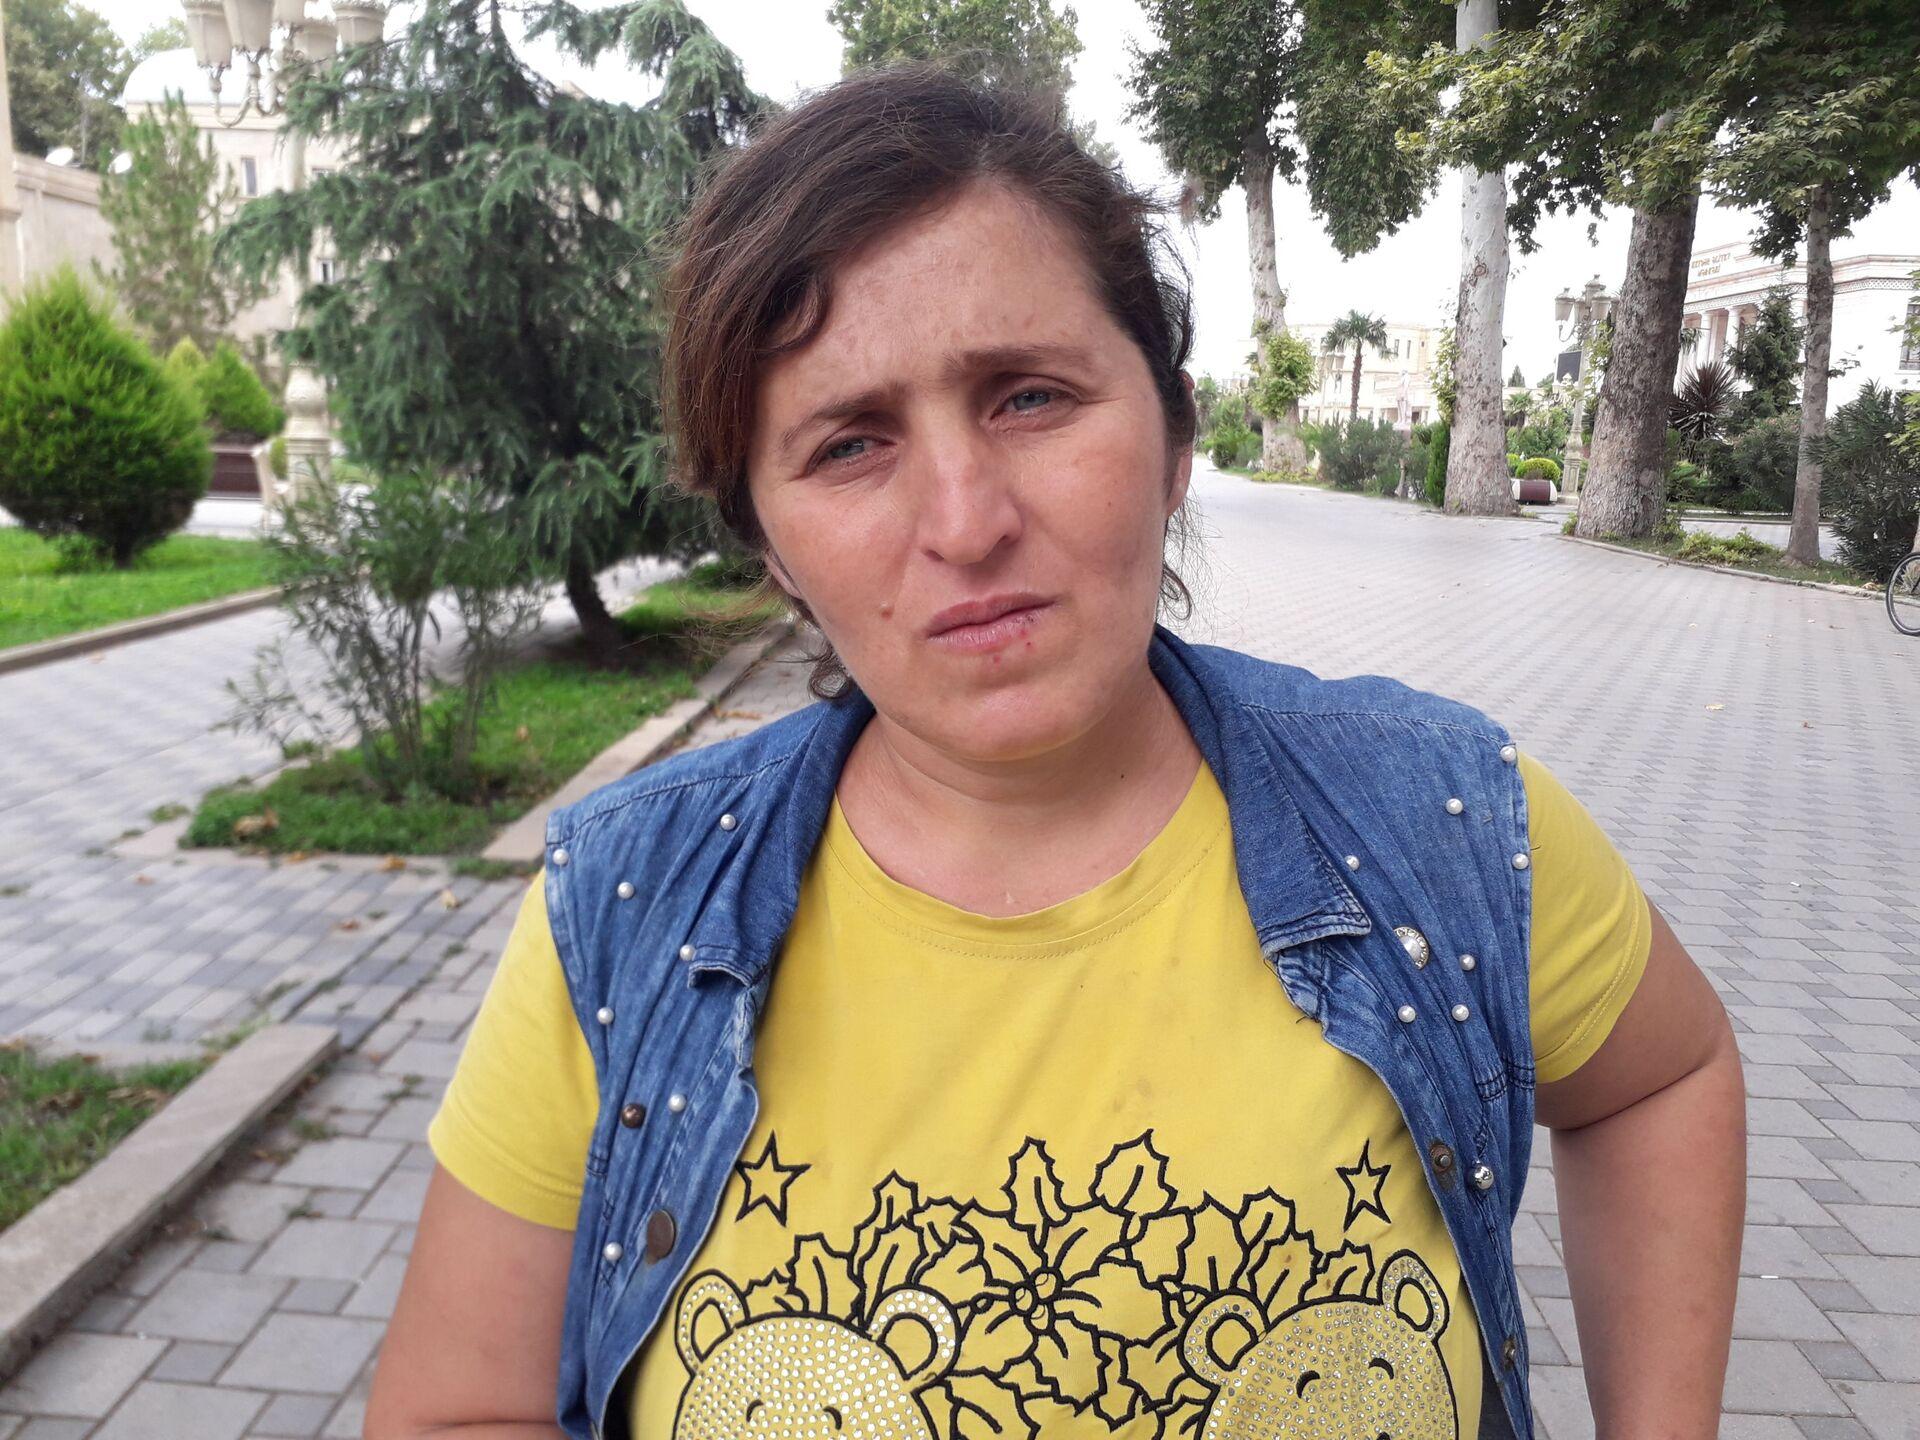 Uşağını küçəyə atan qadını doğma anası da evdən qovdu - Təfərrüat - Sputnik Azərbaycan, 1920, 30.07.2021